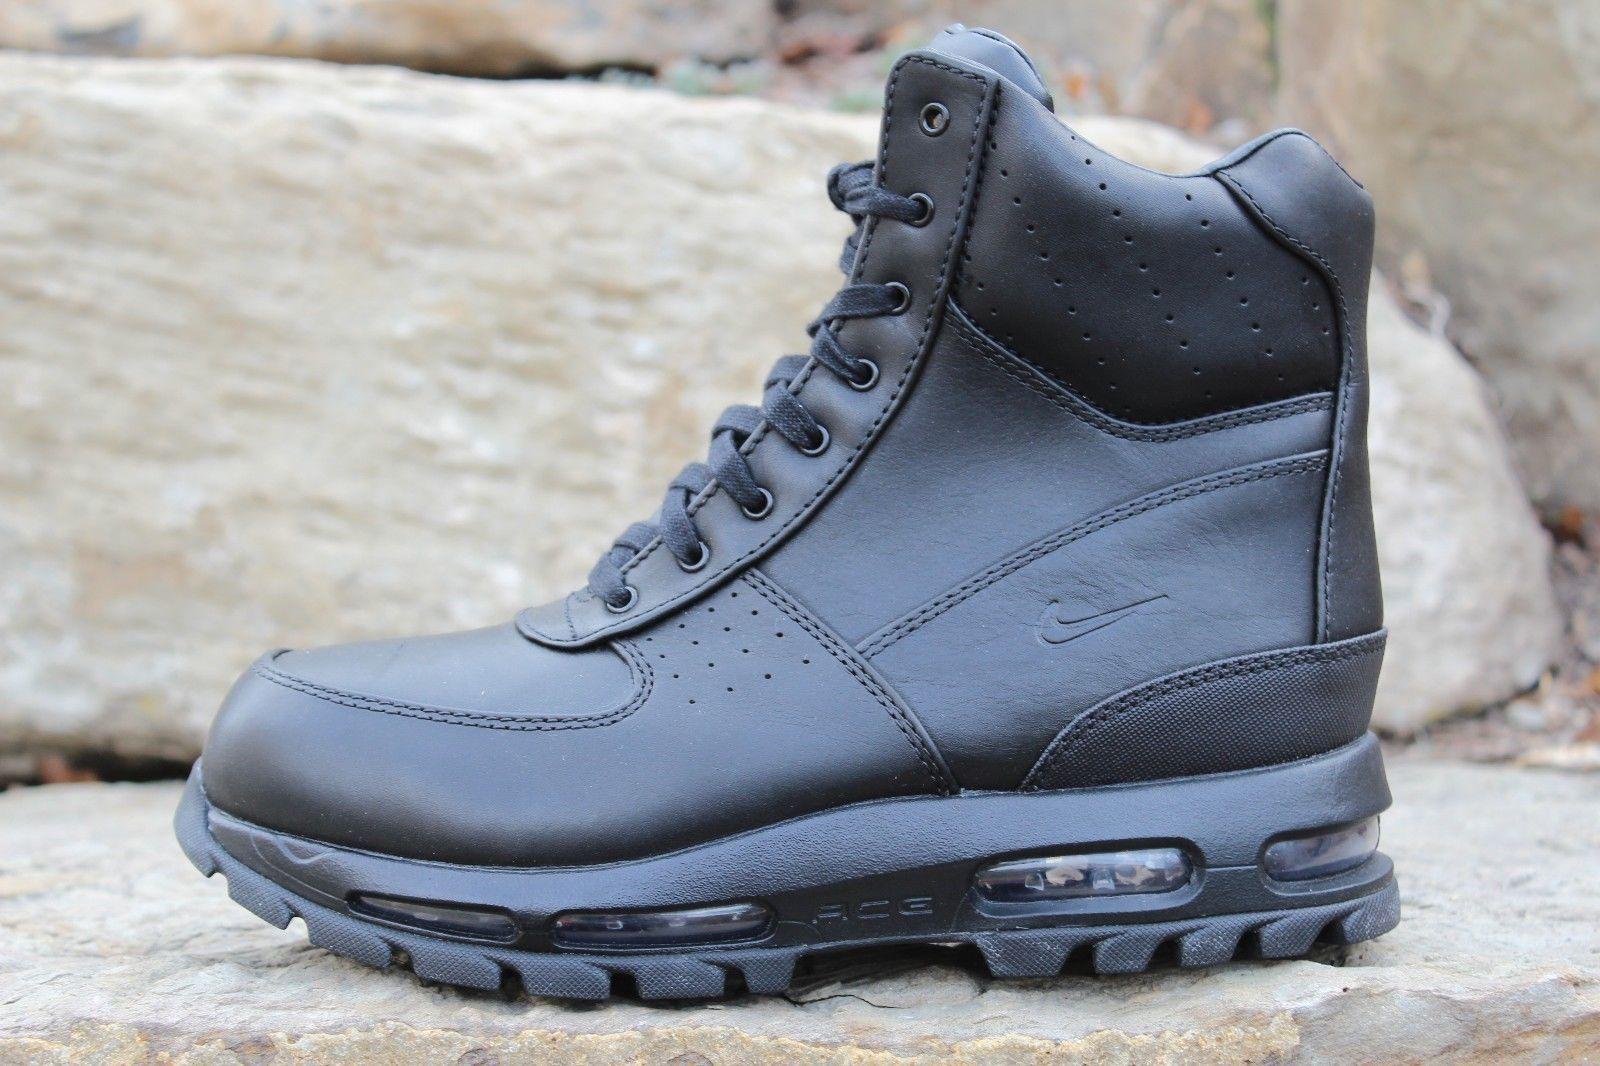 e54d1a13cf ... denmark nike air max goadome 6 acg waterproof boots and 50 similar  items. 57 852c9